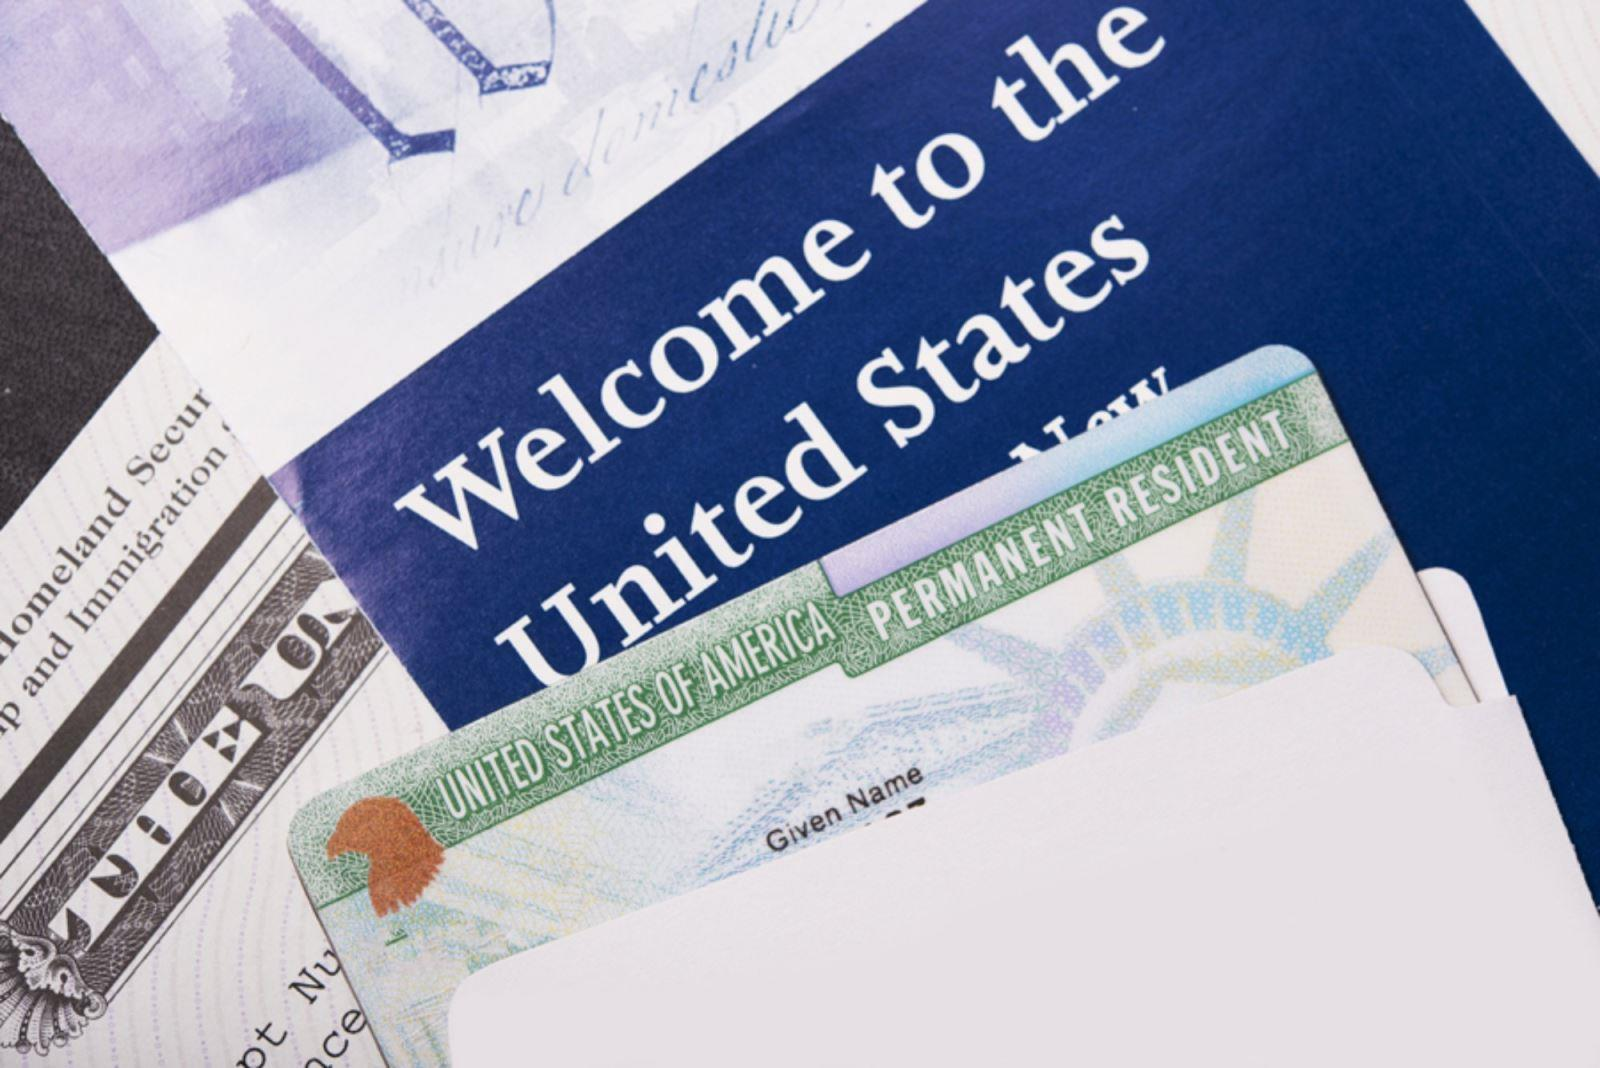 Tất tần tật kinh nghiệm phỏng vấn xin visa Mỹ